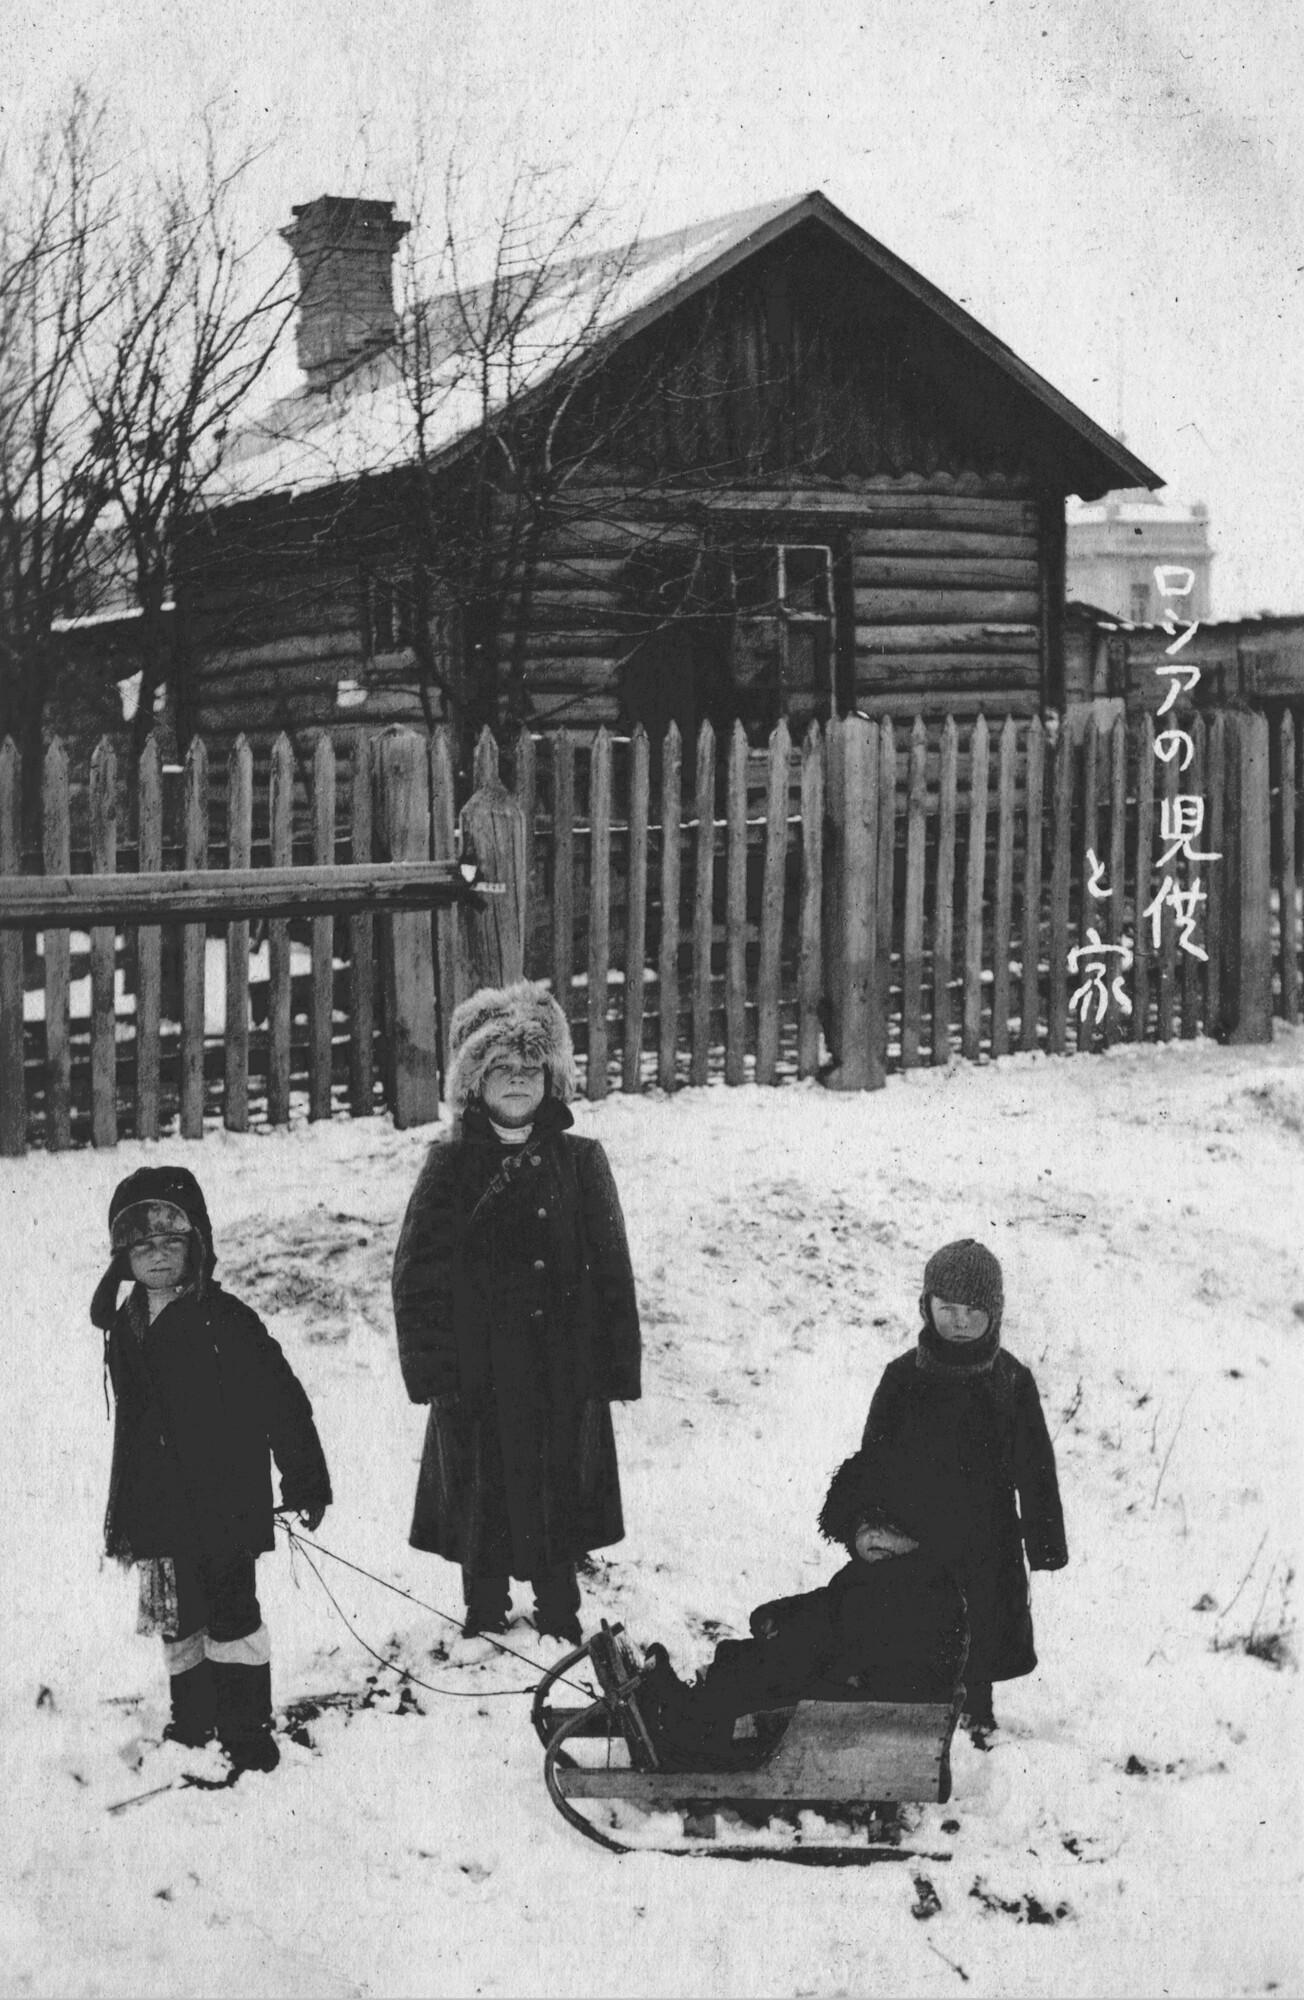 Юные хабаровцы. «Русские дети и дом».  1919-1920 гг. © А. Колесников, фотография из личной коллекции